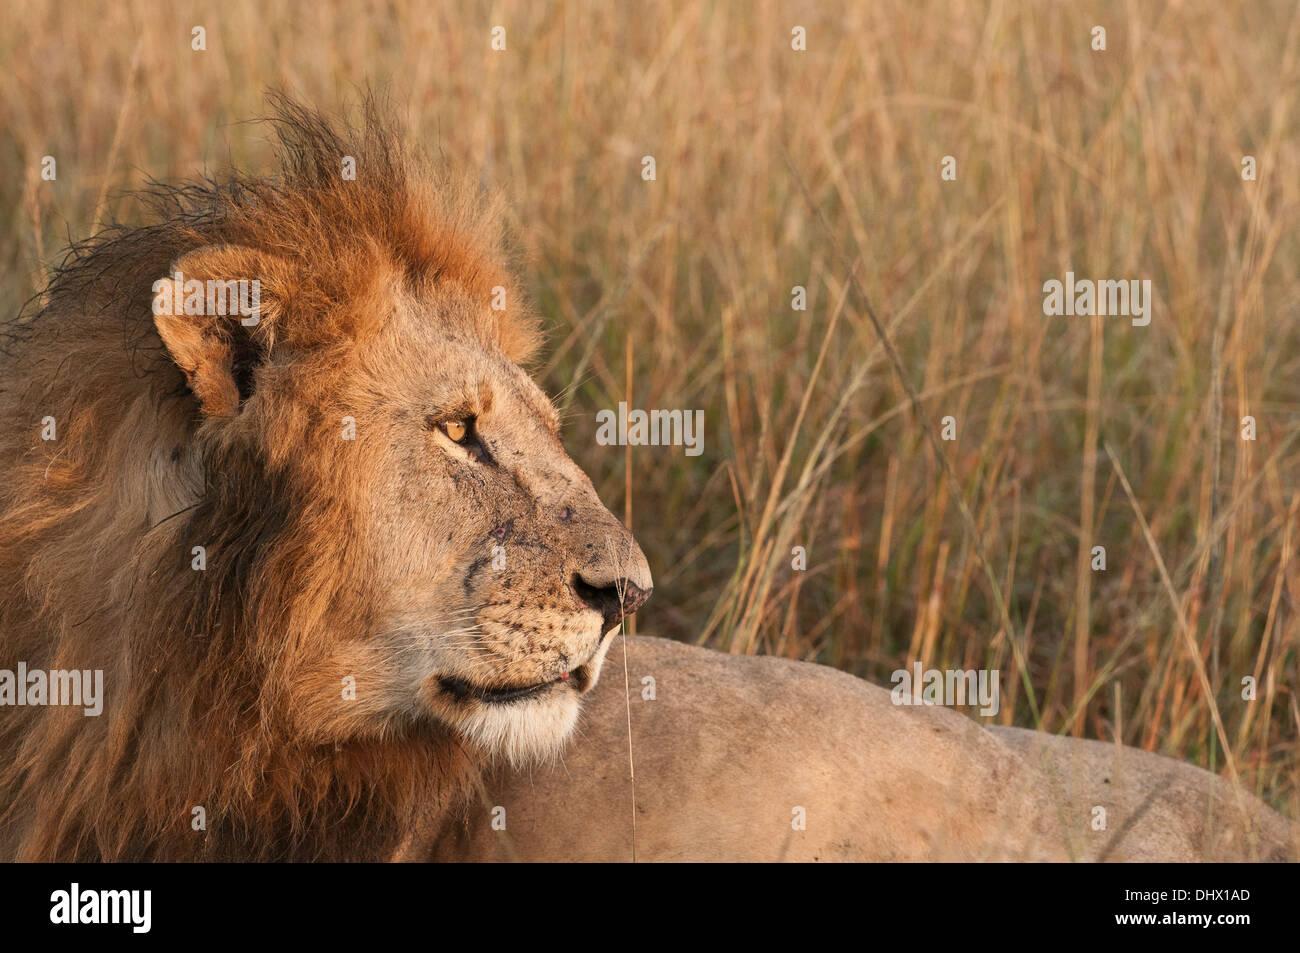 Leone maschio si risveglia appena dopo la prima luce e coetanei in distanza come il sole sorge e inizia un nuovo giorno al Mara Kenya. Immagini Stock